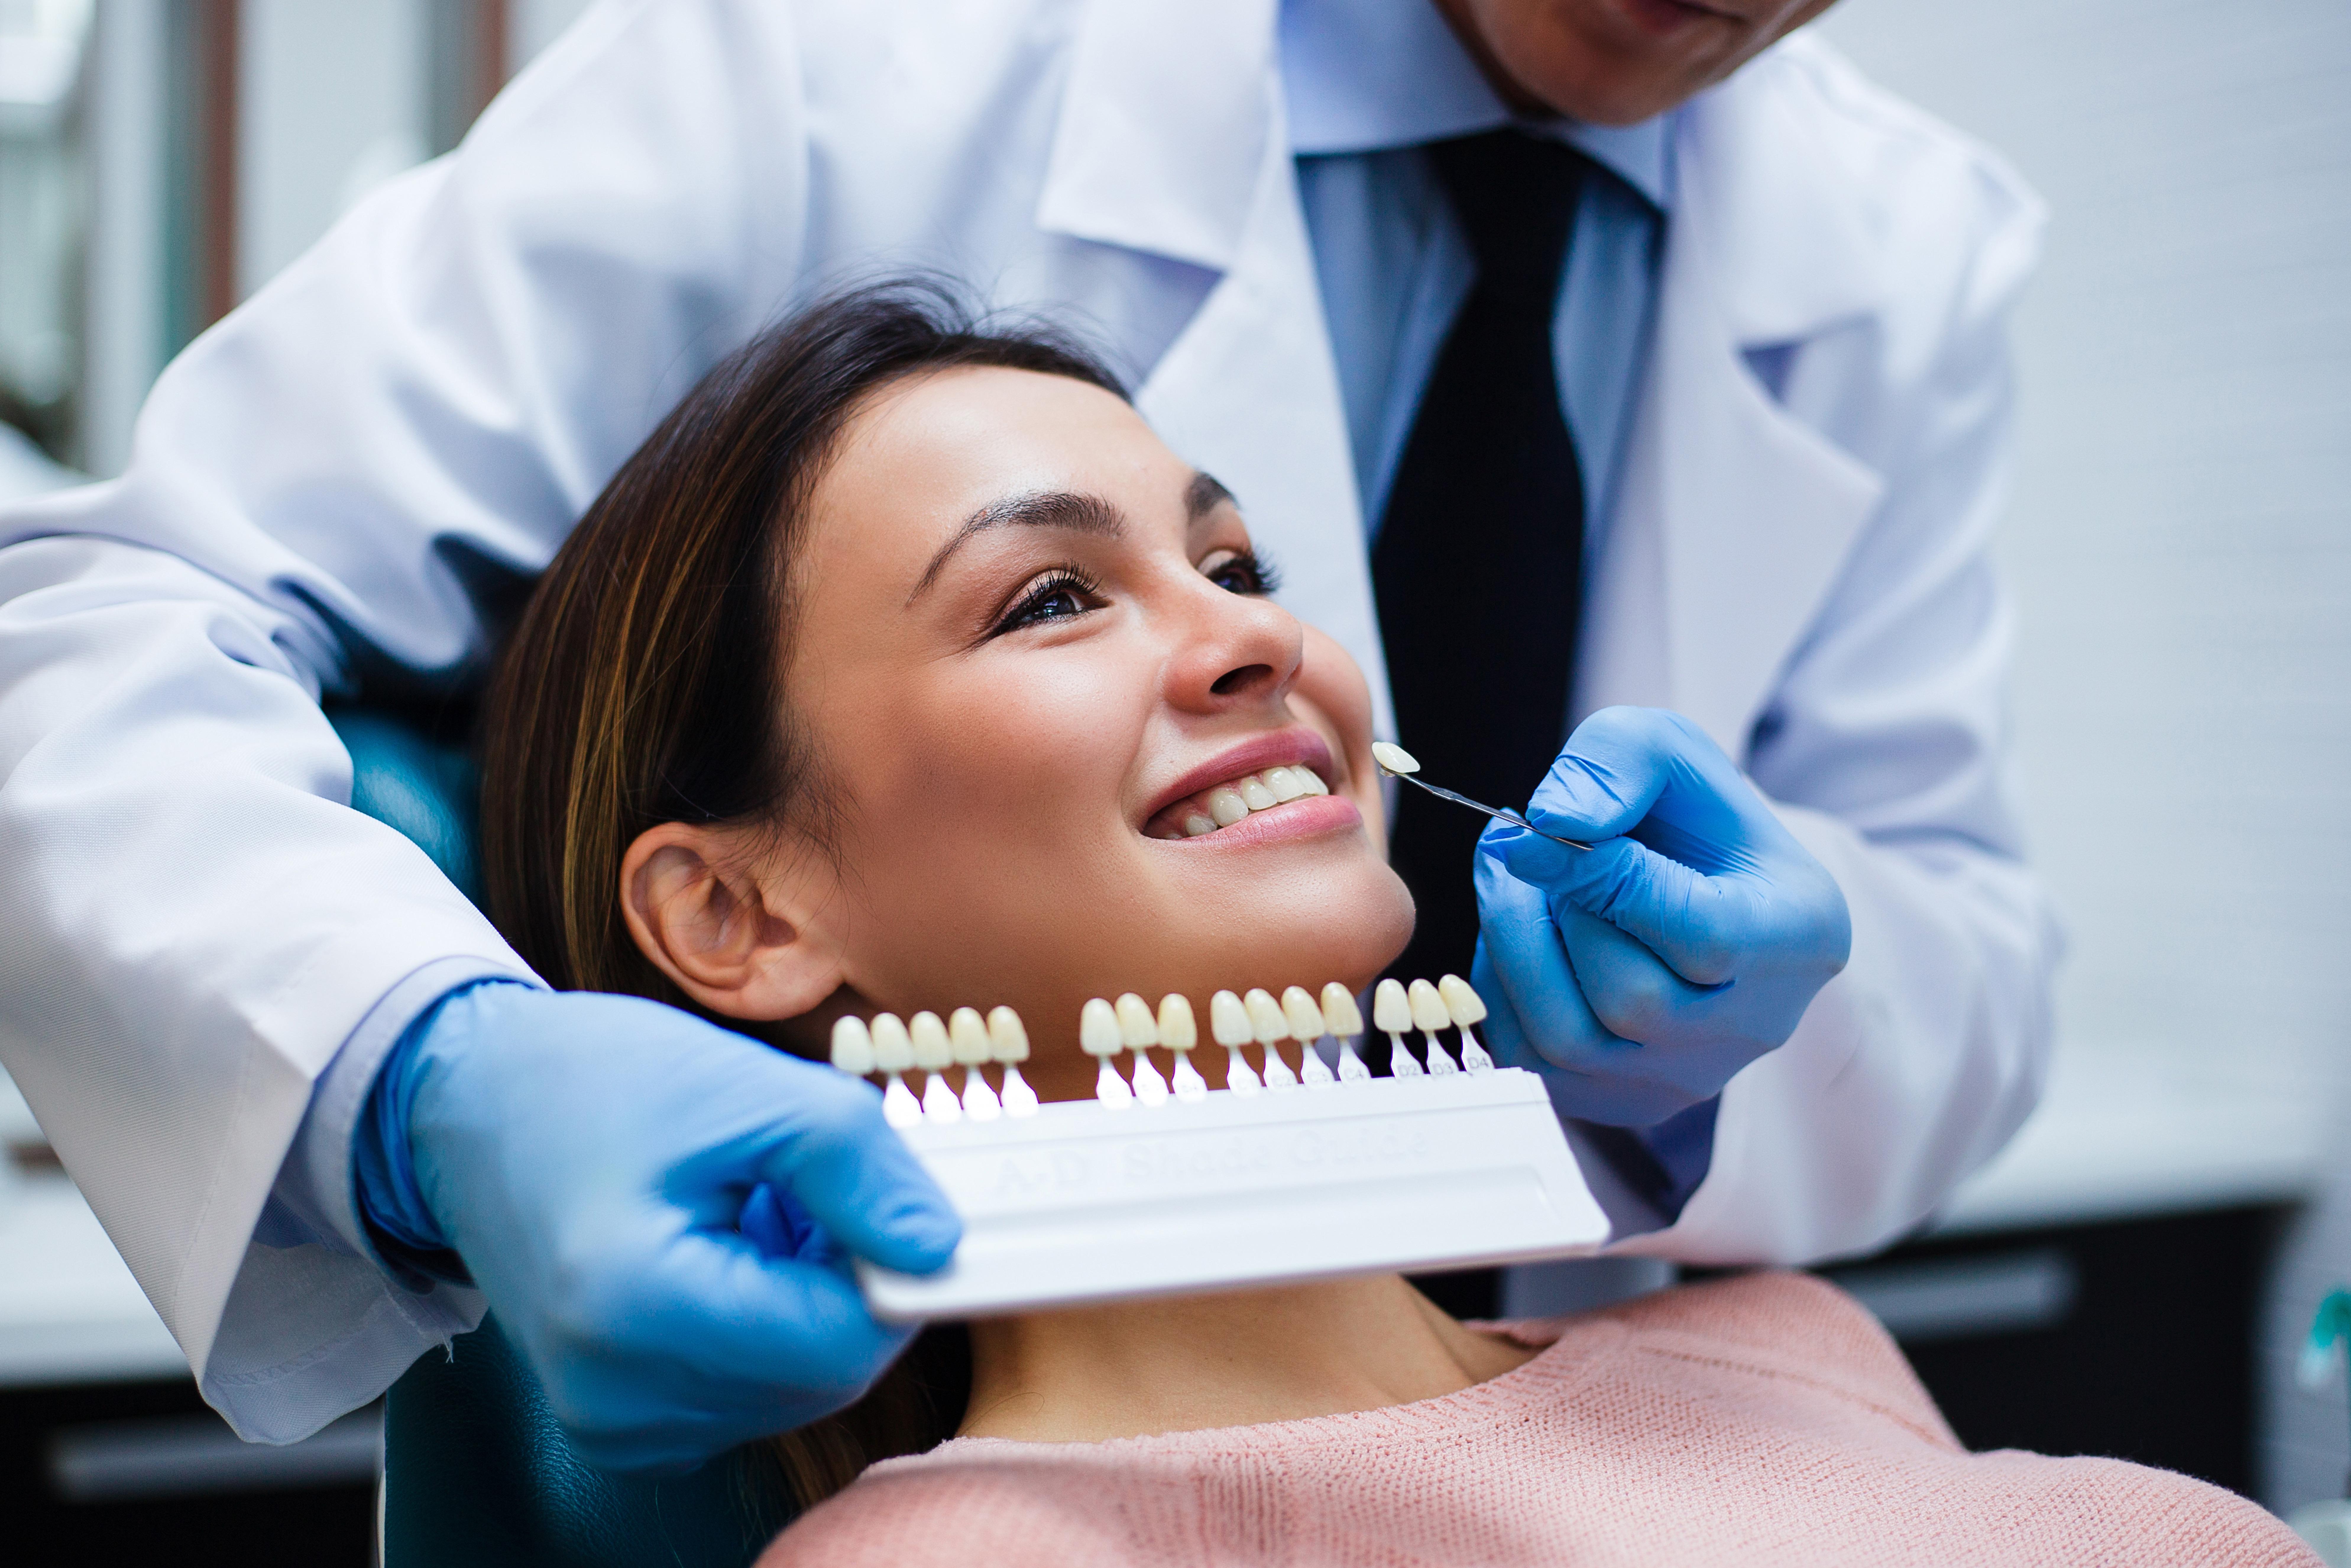 Få et perfekt smil til med tannbleking hos anerkjente Minde tannklinikk (1 av 2)